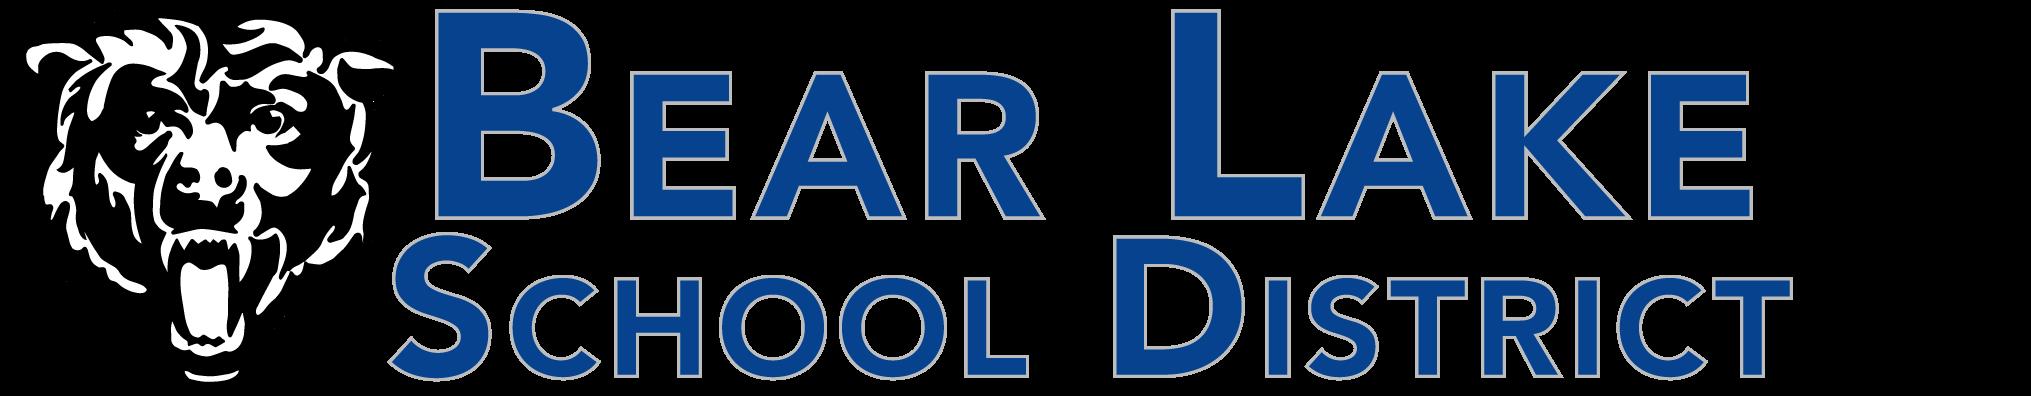 Bear Lake School District